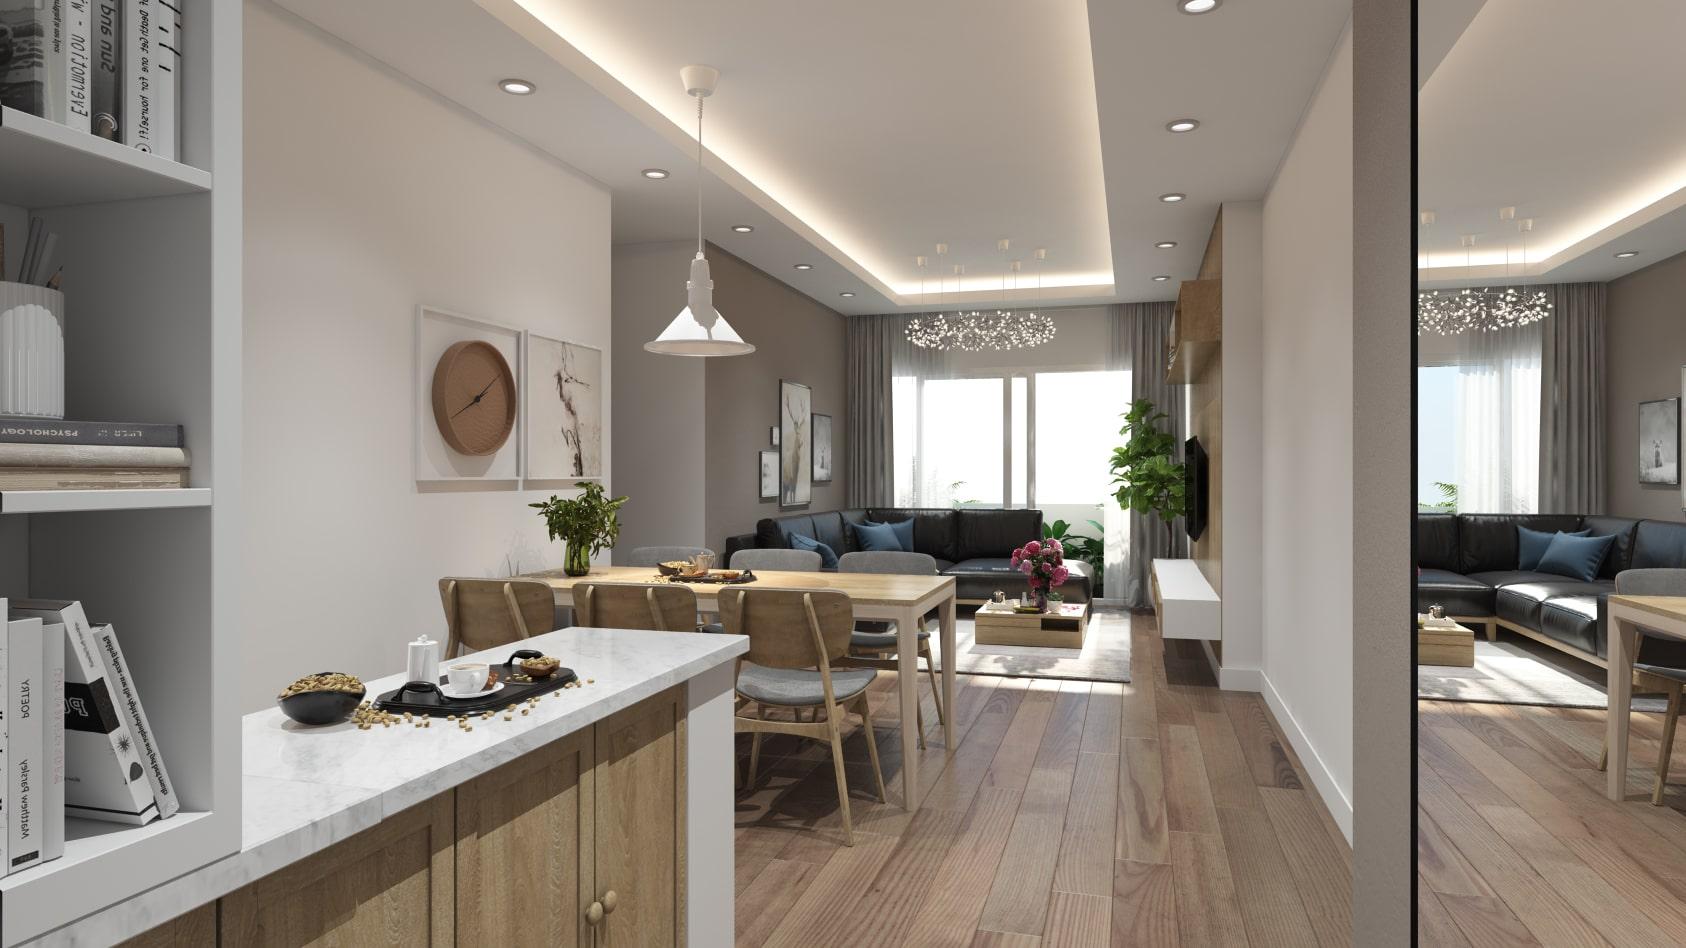 Thiết kế nội thất phòng khách không gian mở với phòng khách liền bếp